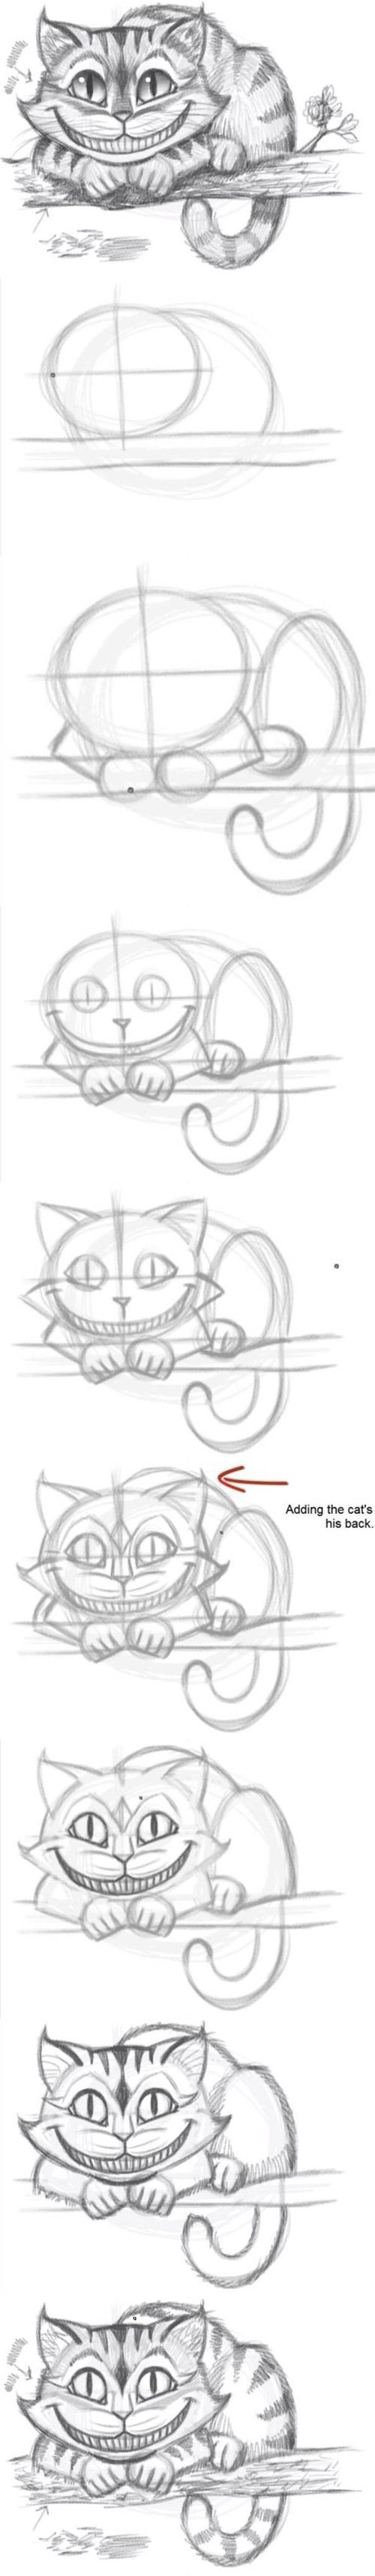 Tutoriel dessiner le chat d 39 alice au pays des merveilles dessin pinterest impressionnant - Tuto dessin facile ...